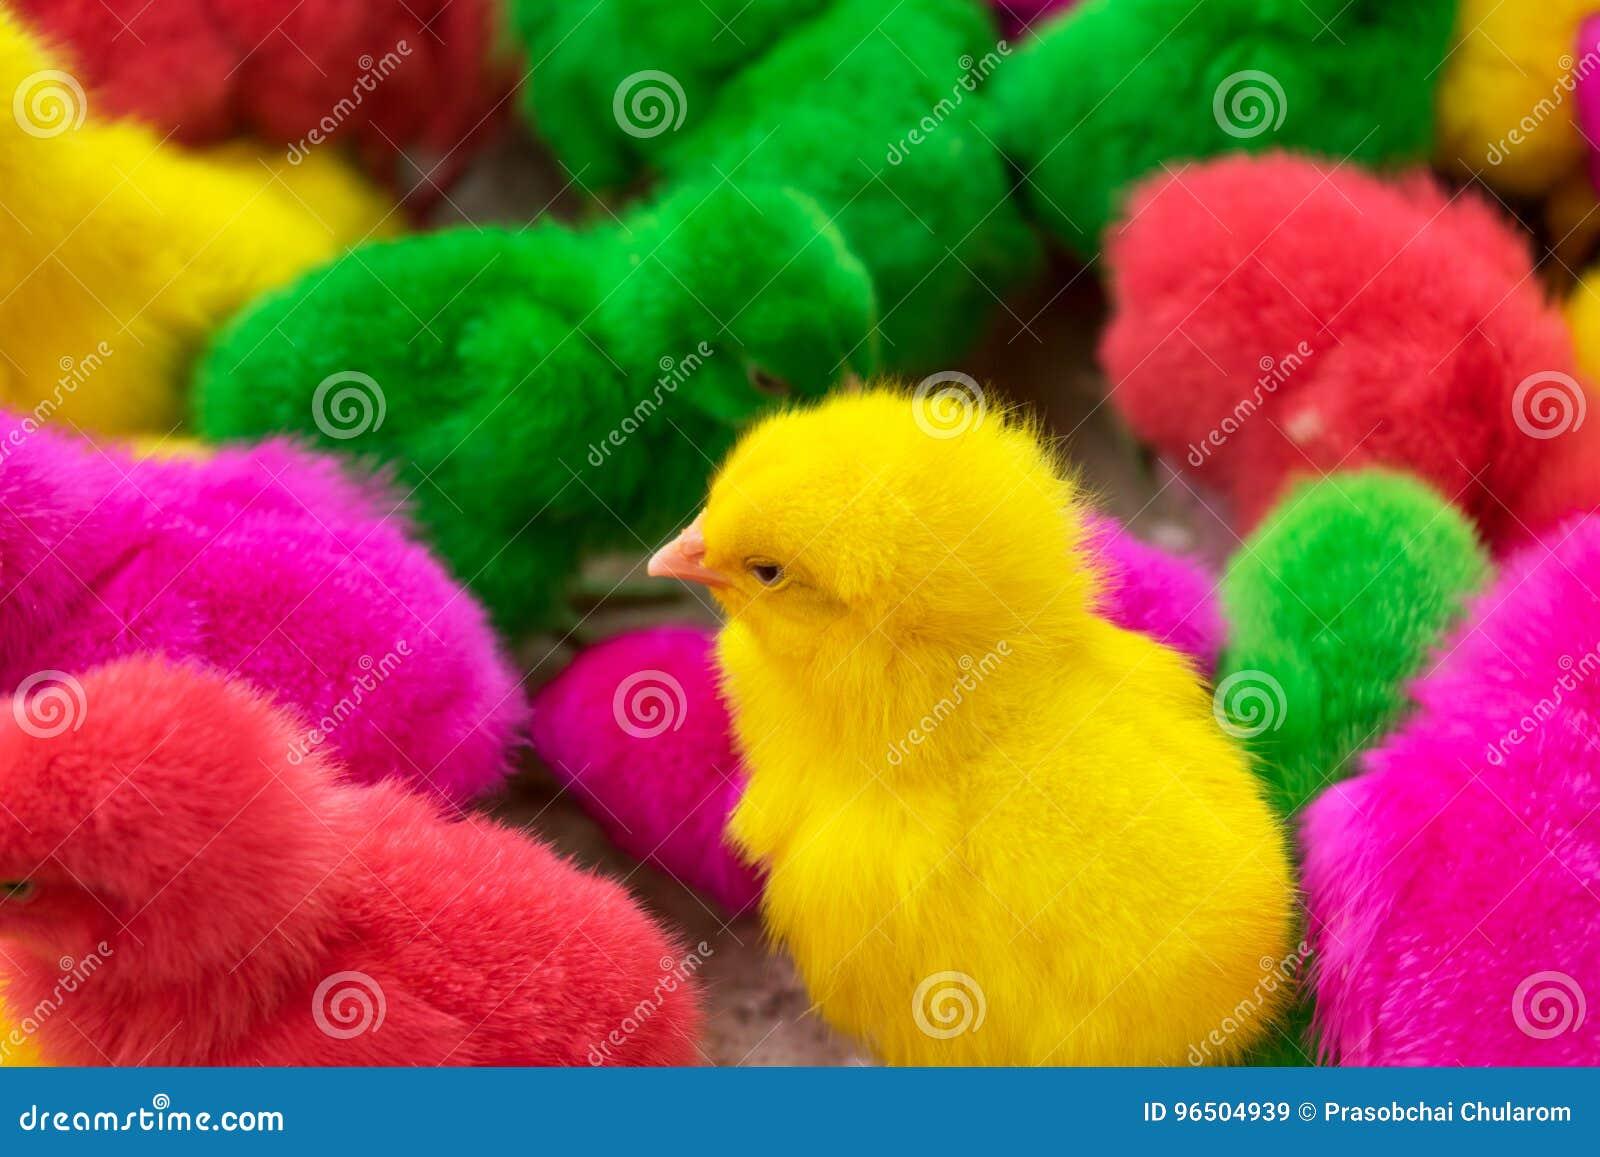 El Pollo, Pollo Lleno Del Color En La Granja, Producción Para Muchos ...